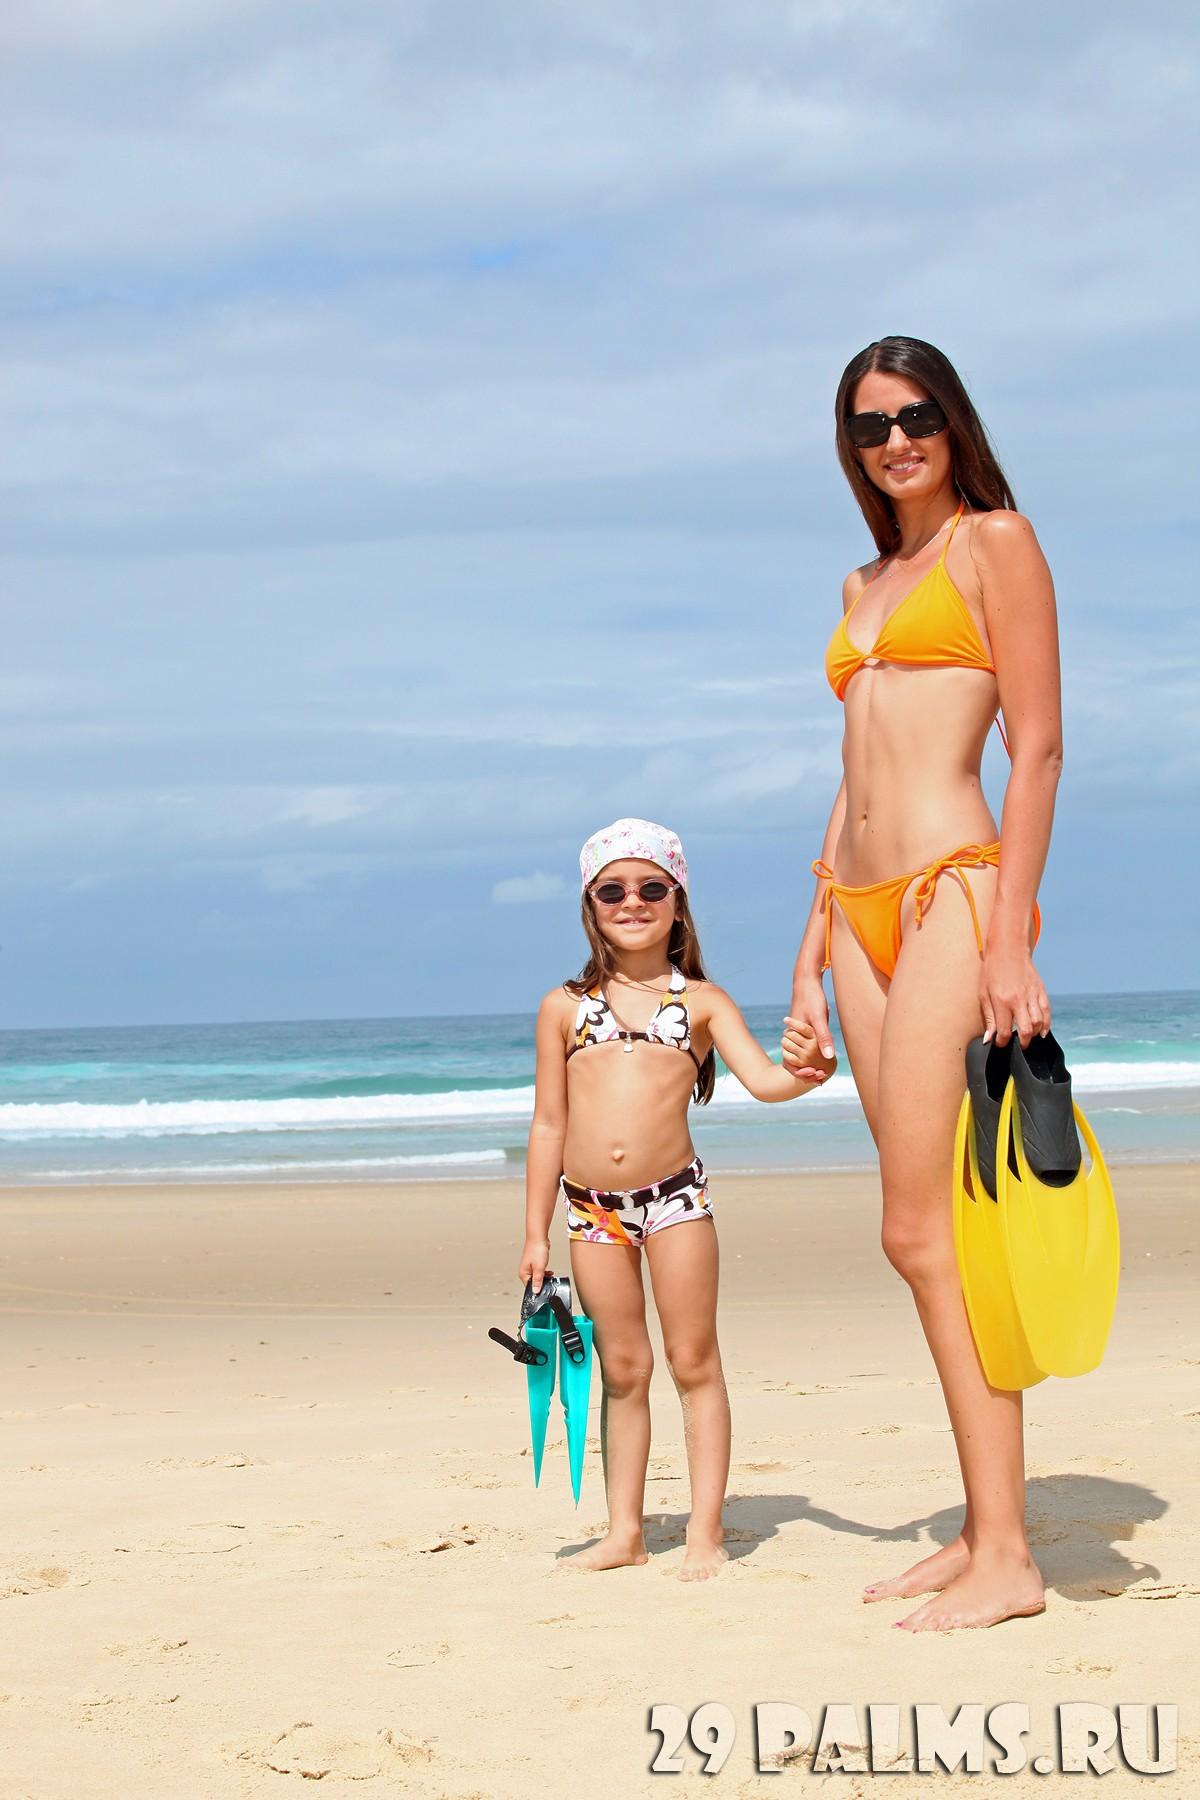 Фото с пляжей мам и дочек 10 фотография